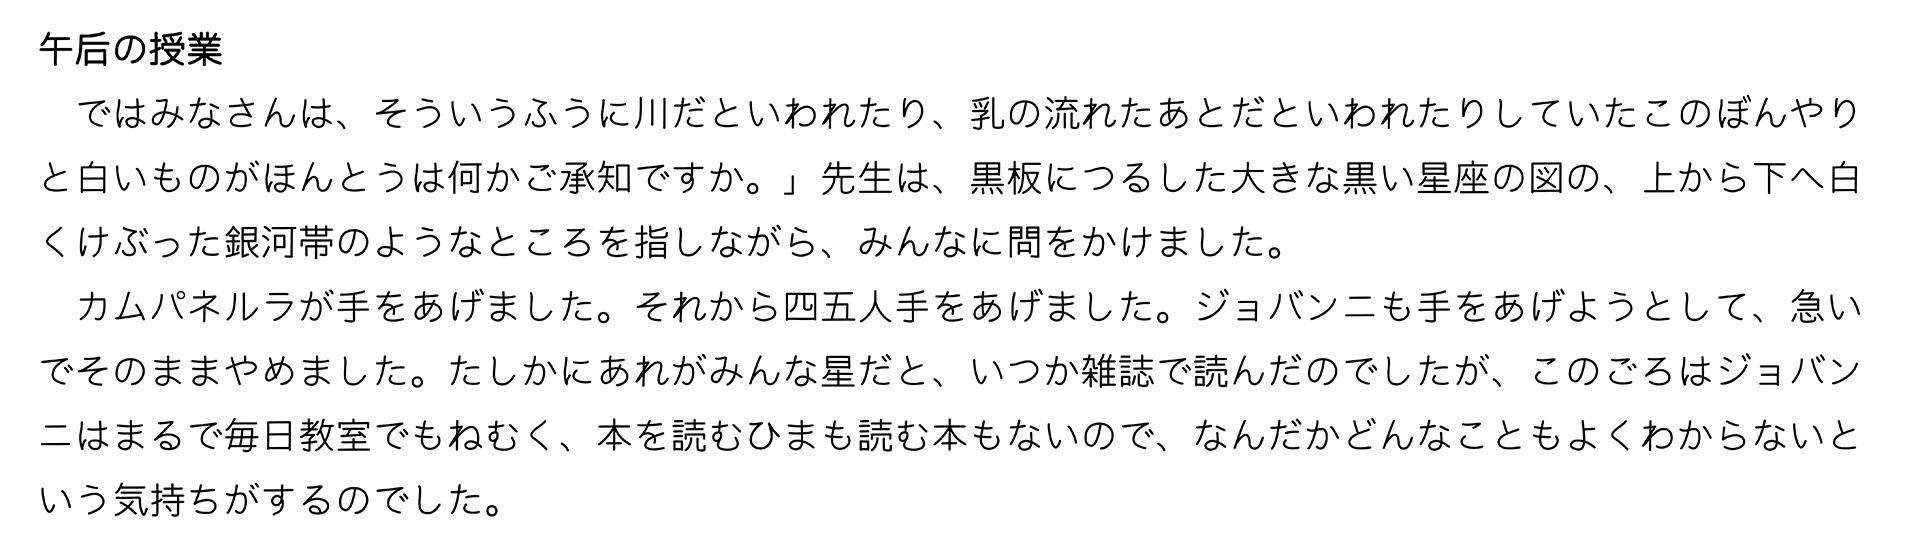 jp-ex.png